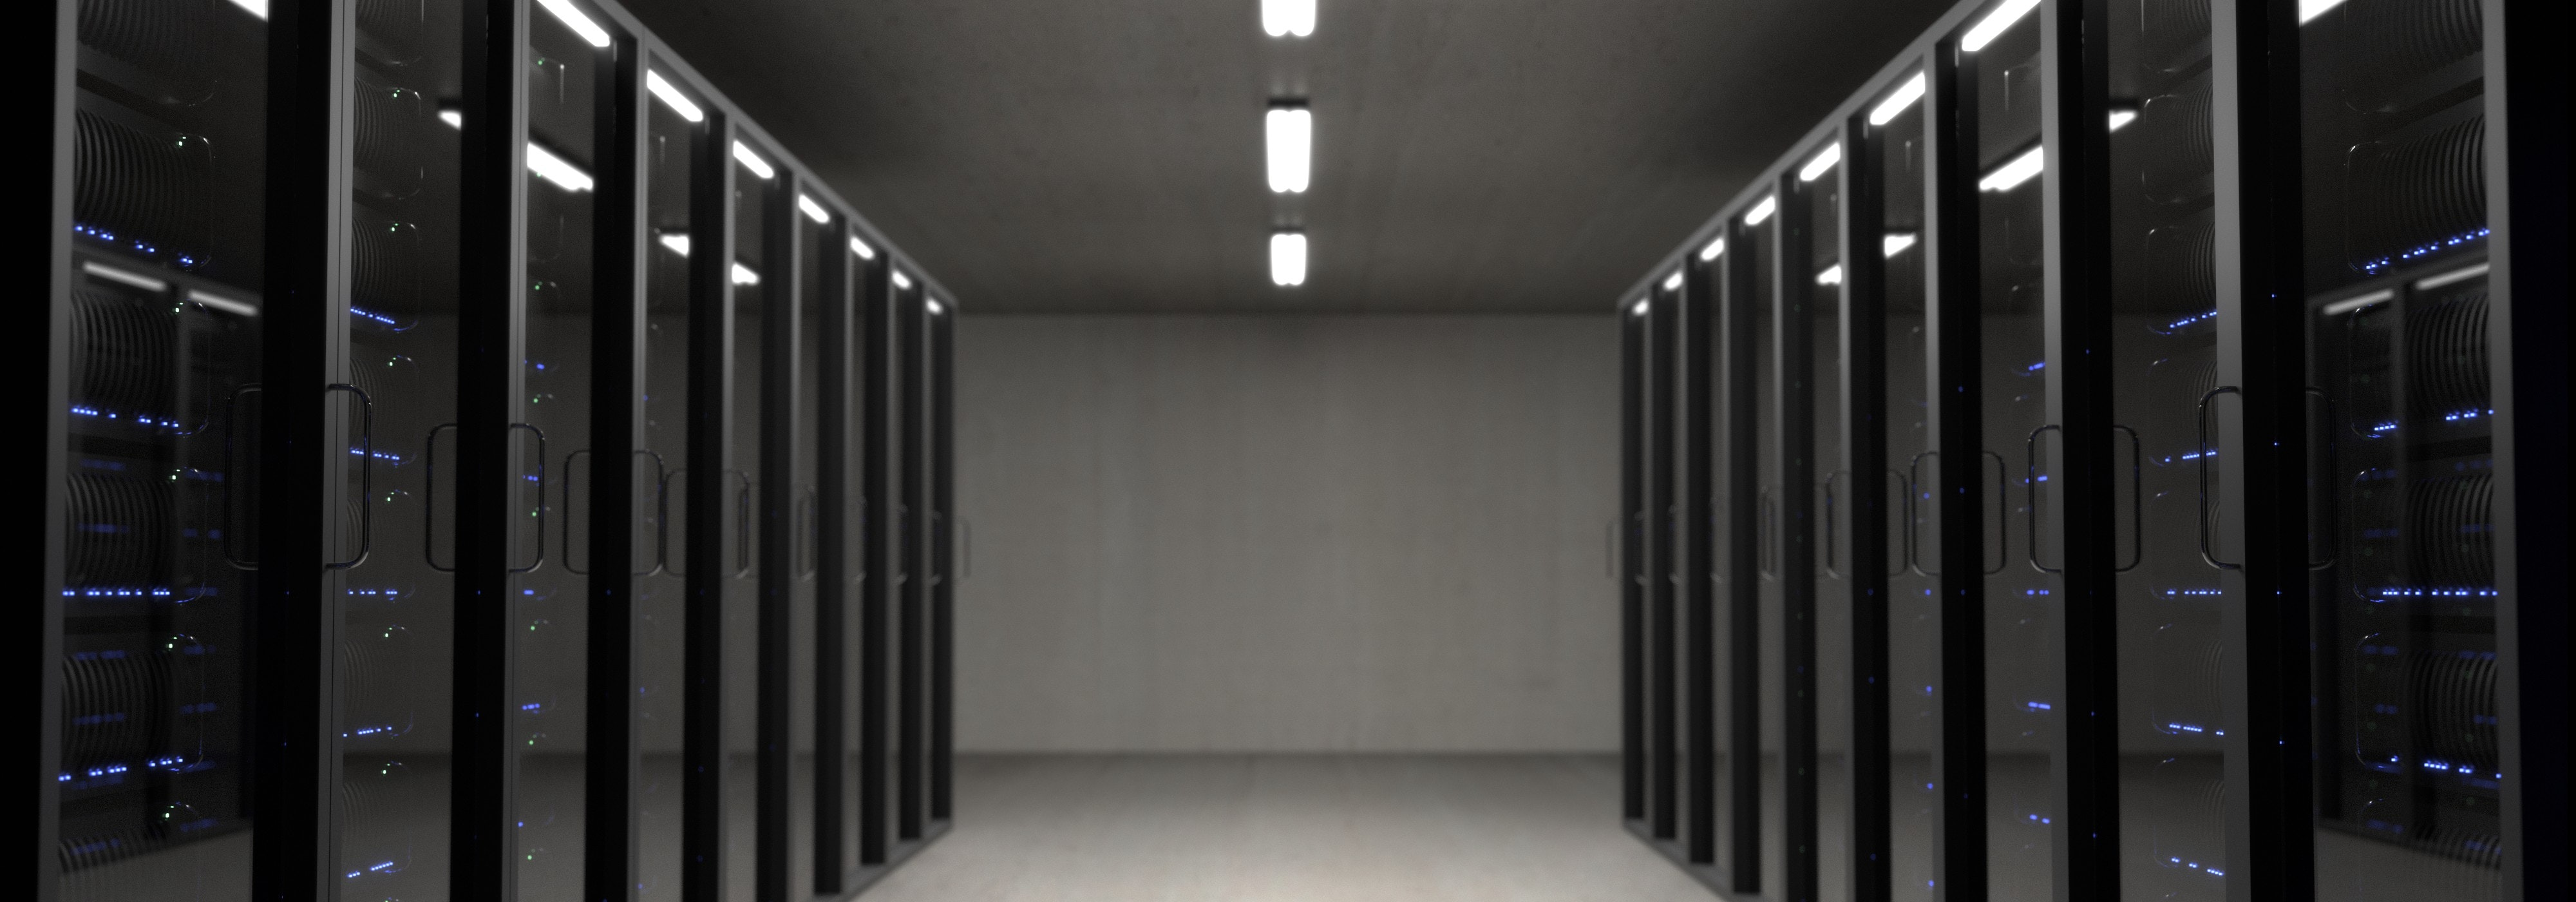 The data storage evolution: Modern data storage